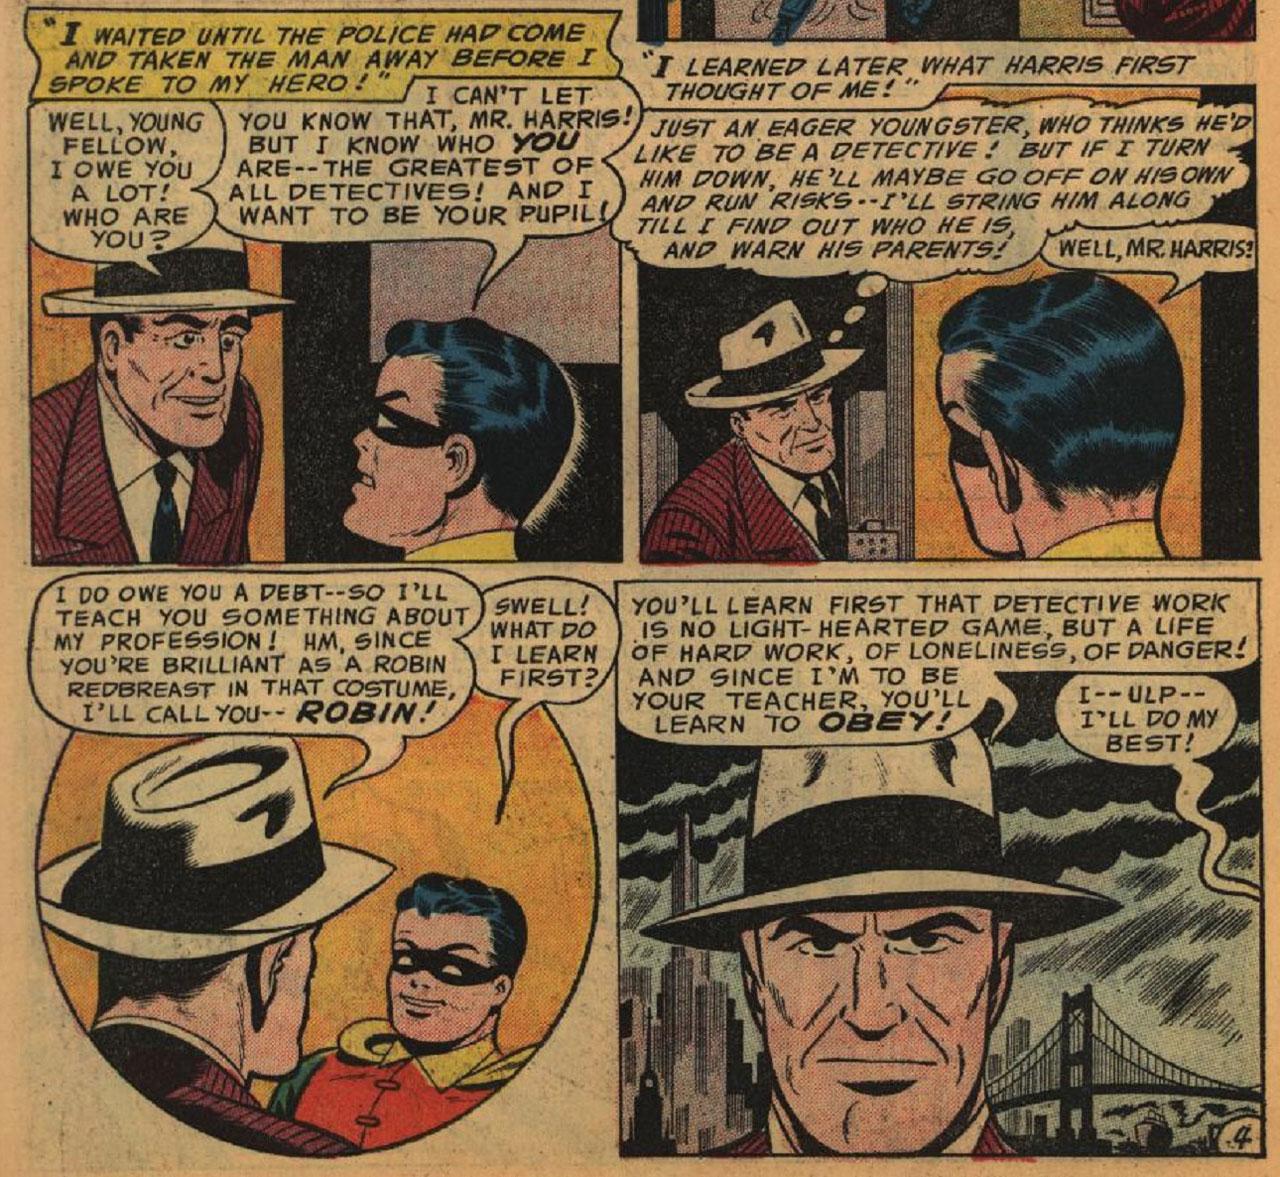 Bruce-Wayne-Harvey-Harris-Robin-Batman.jpg